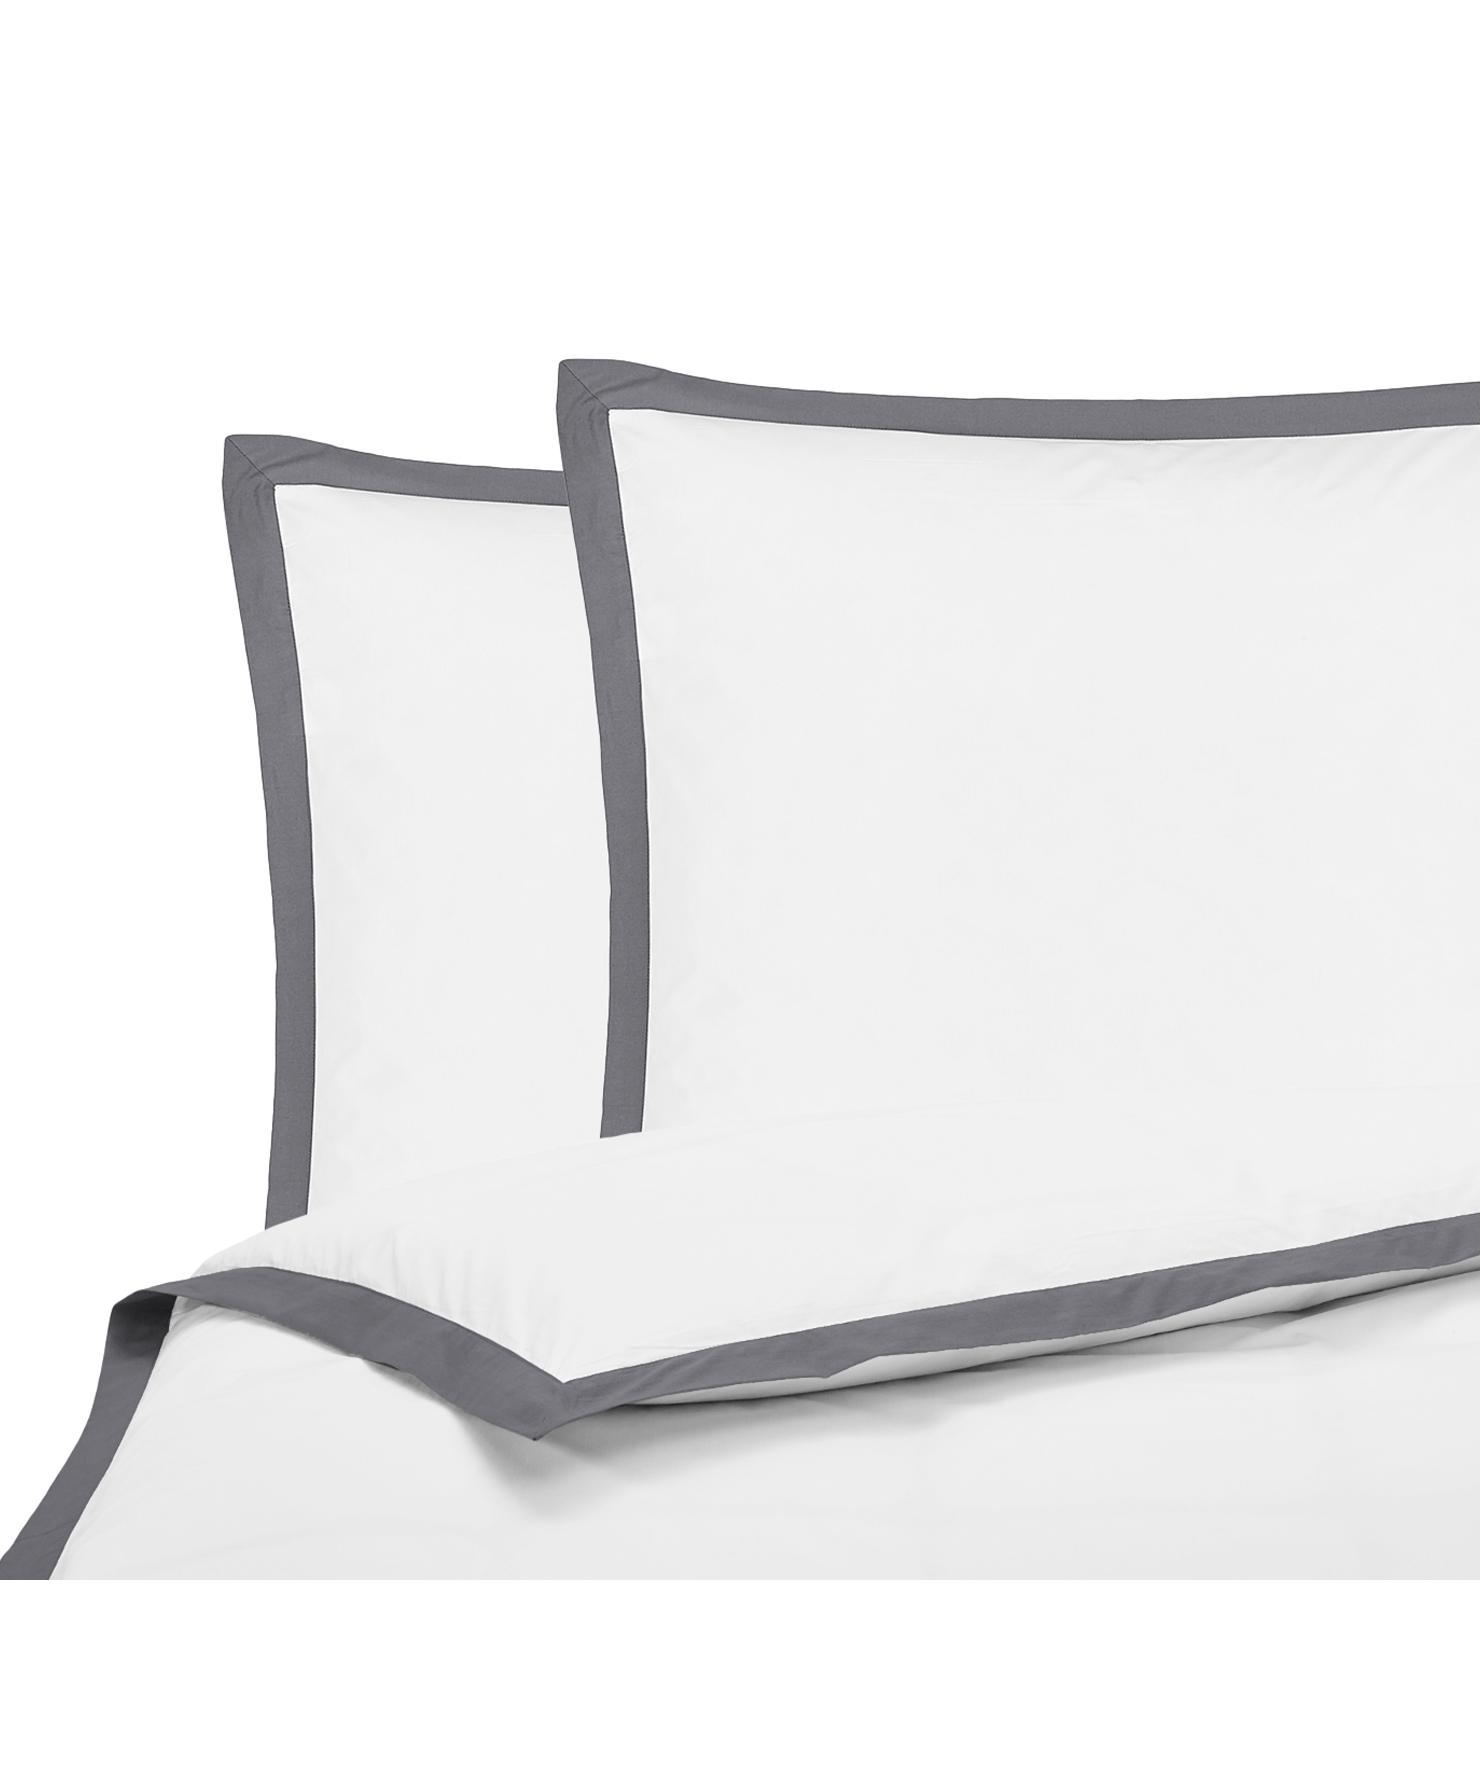 Baumwollperkal-Bettwäsche Joanna in Weiß mit grauem Stehsaum, Webart: Perkal Fadendichte 200 TC, Weiß, Grau, 200 x 200 cm + 2 Kissen 80 x 80 cm